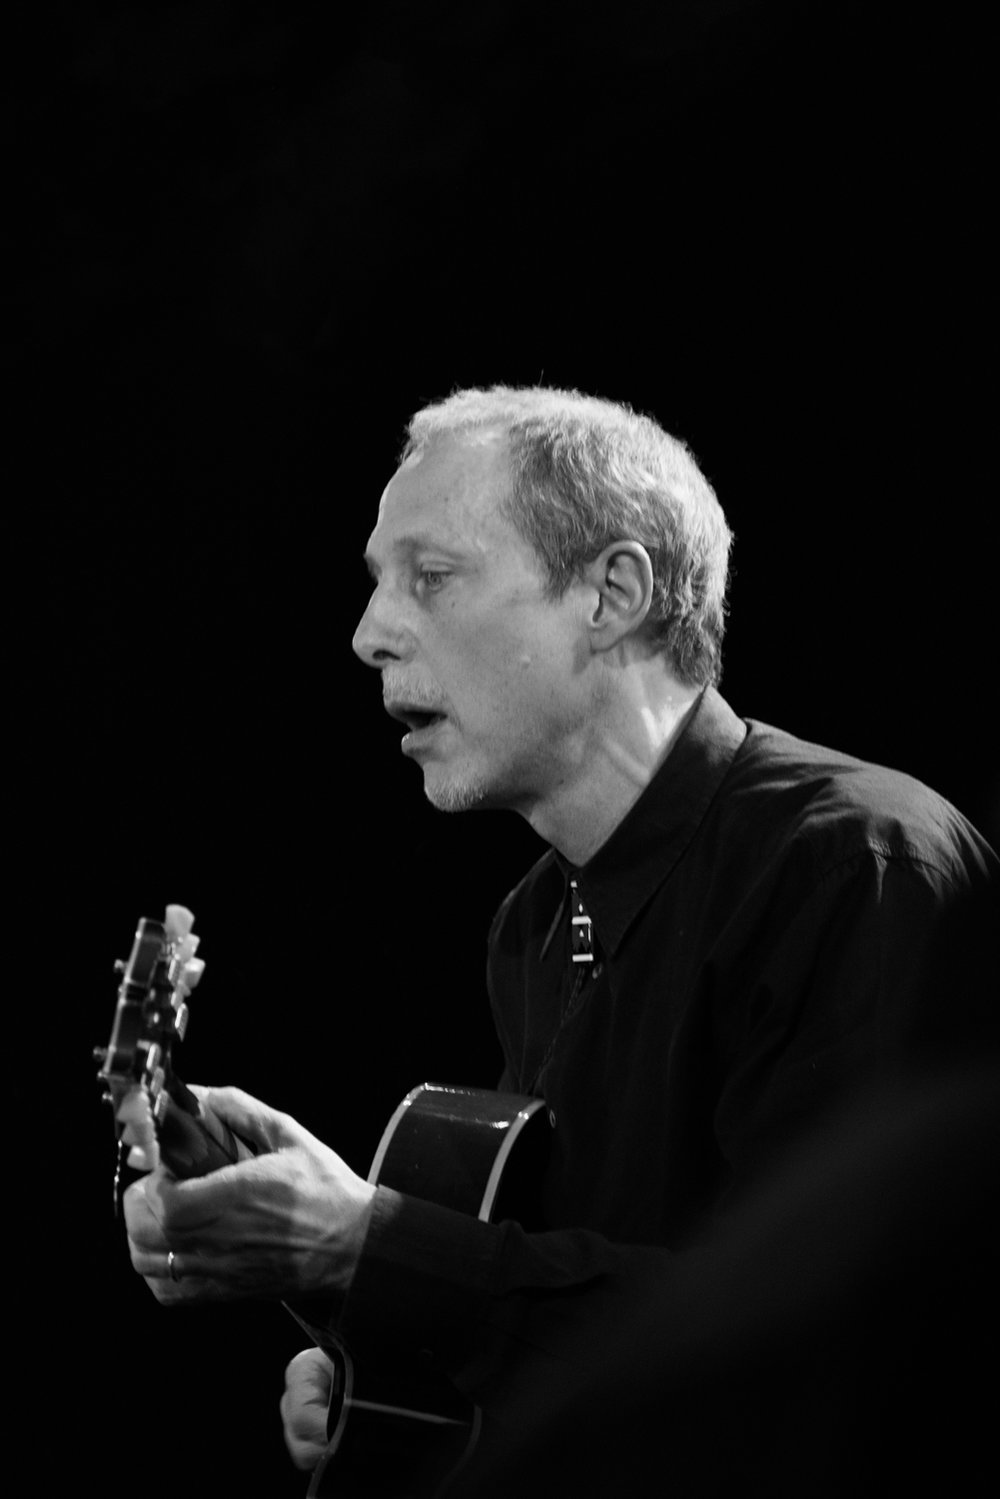 Joel Harrison, 2017